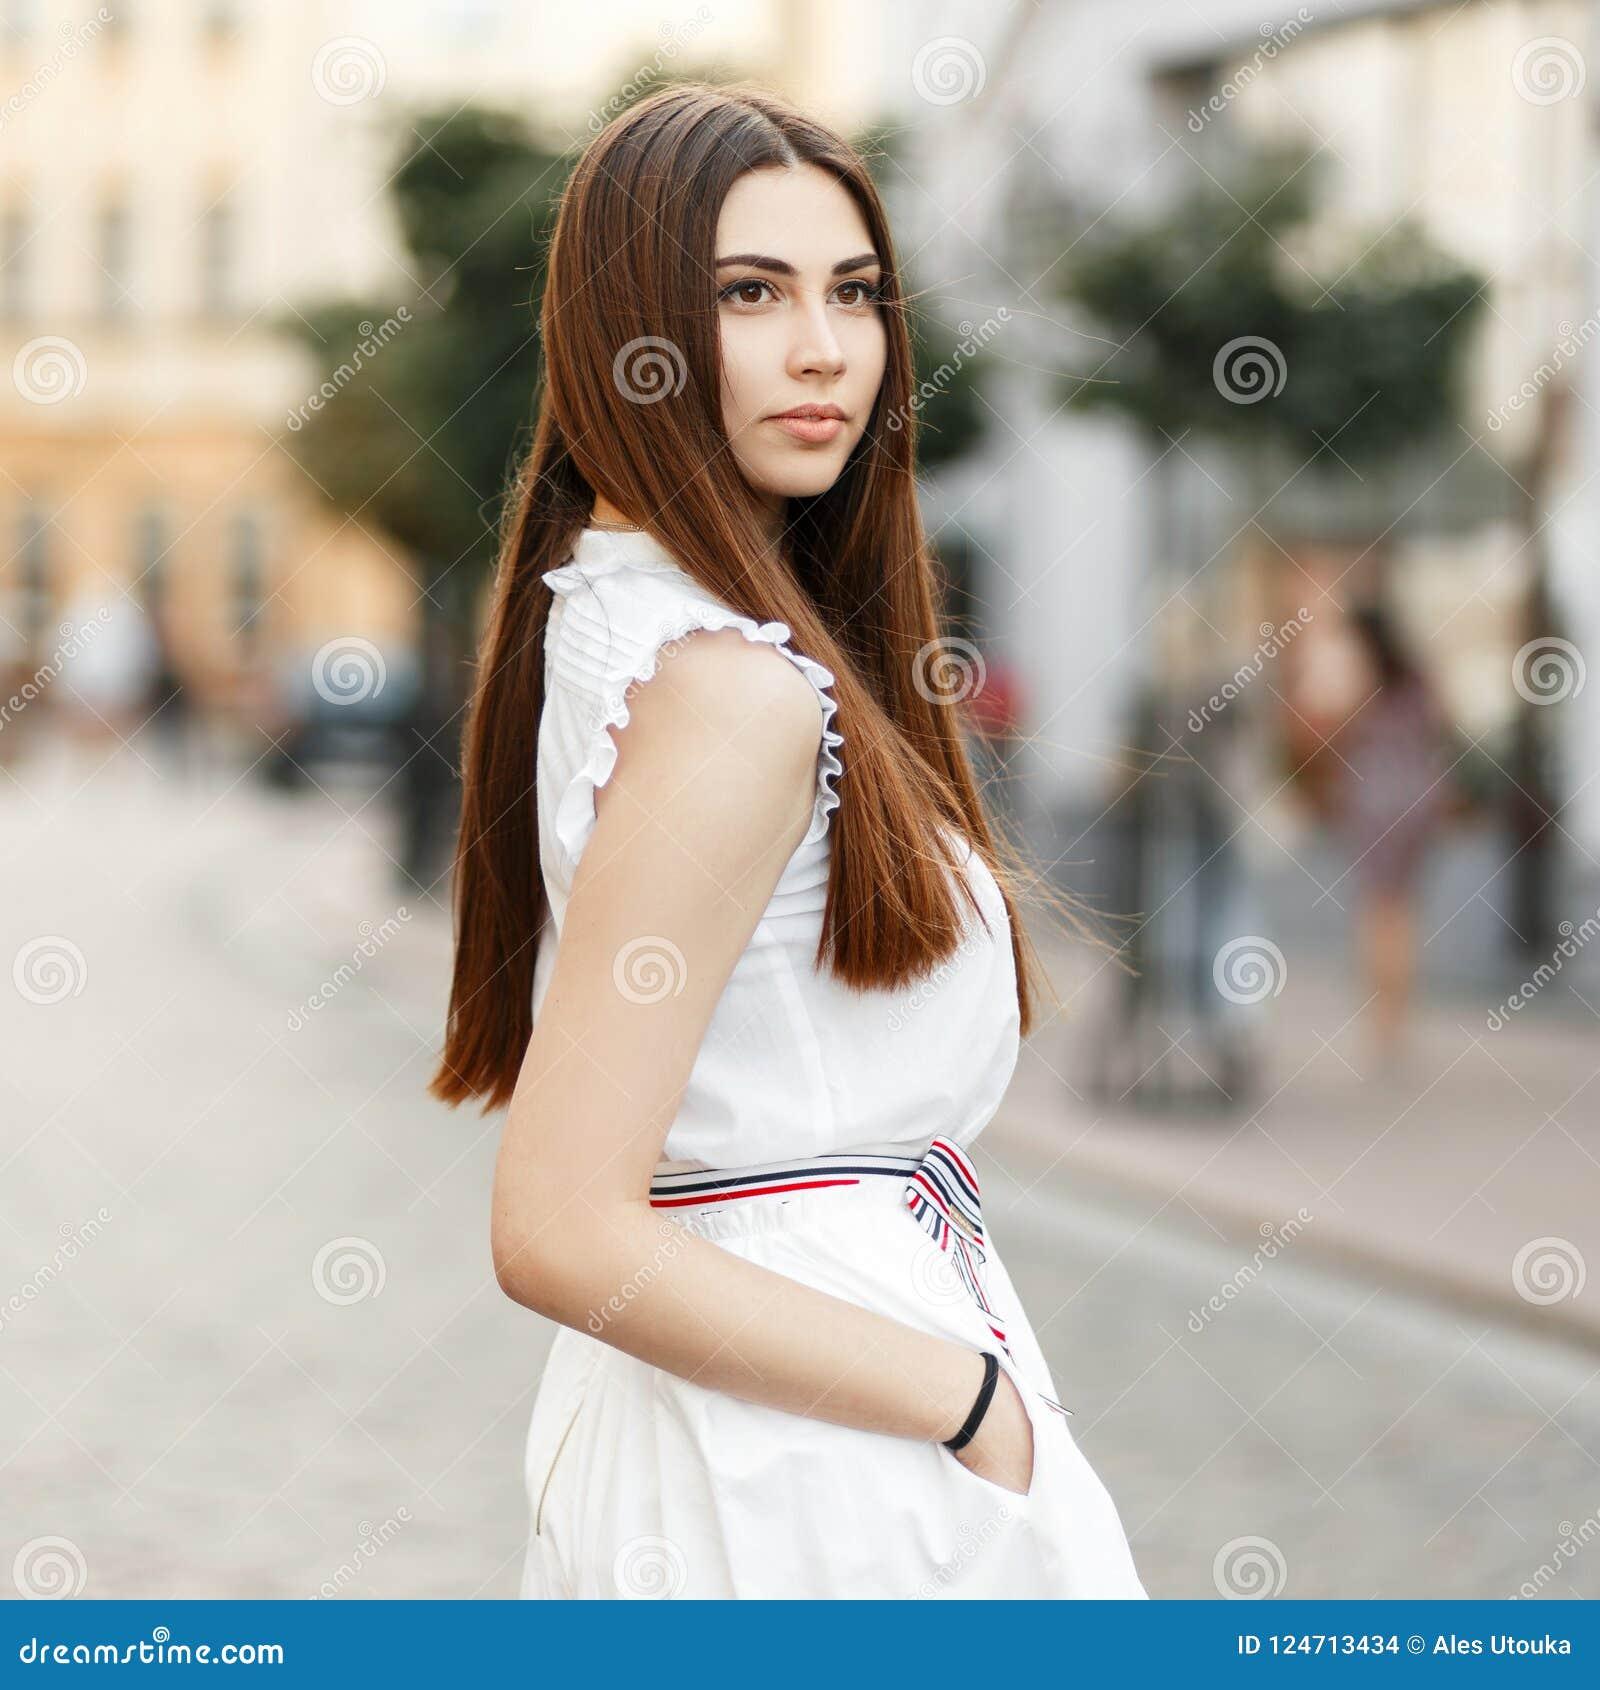 99dc7585fec4 Giovane Ragazza Alla Moda In Vestiti Bianchi Nella Città Fotografia ...